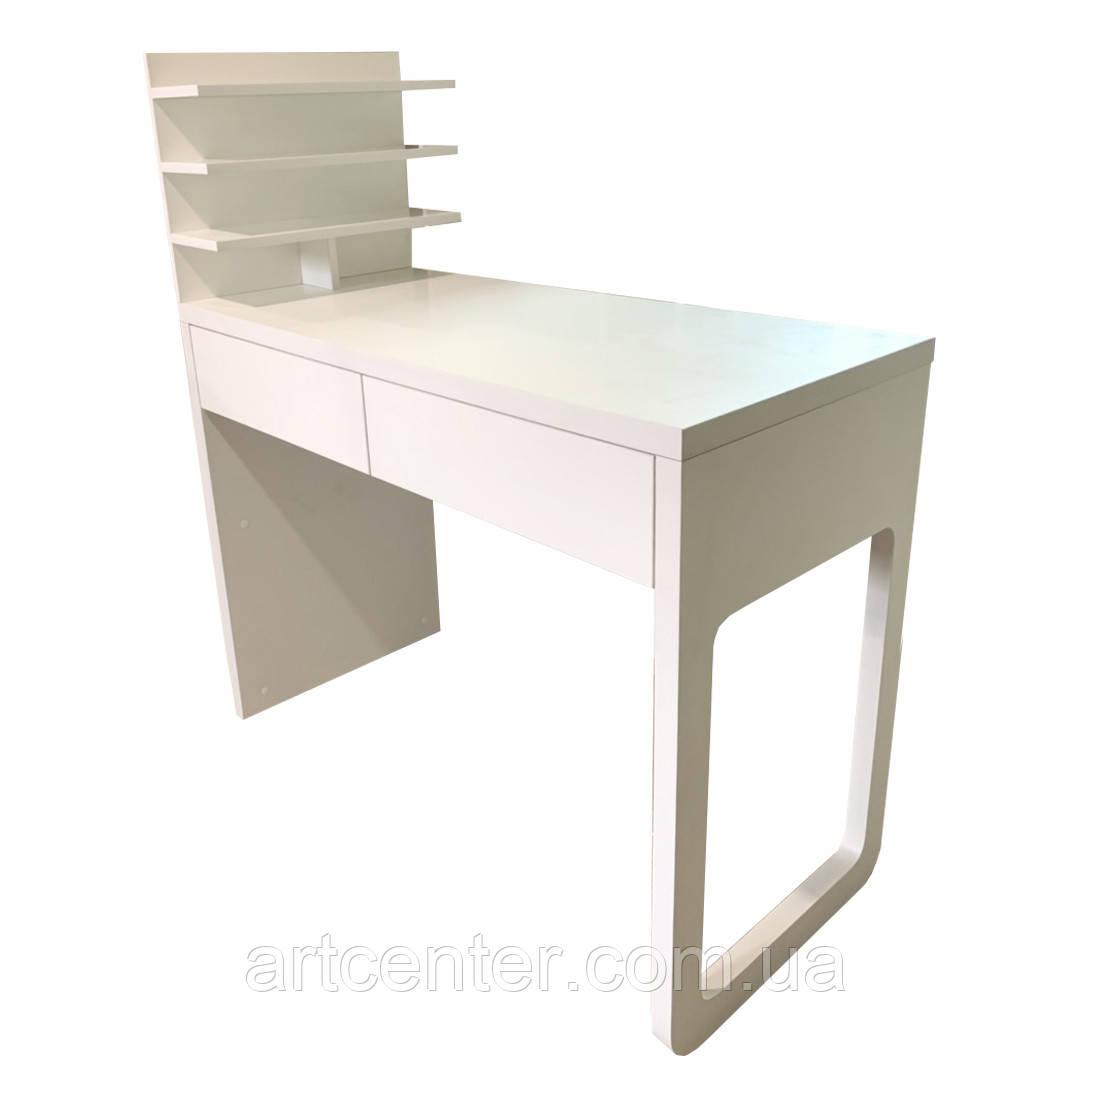 Стол для маникюра с выдвижными ящиками и витриной для лаков, В НАЛИЧИИ